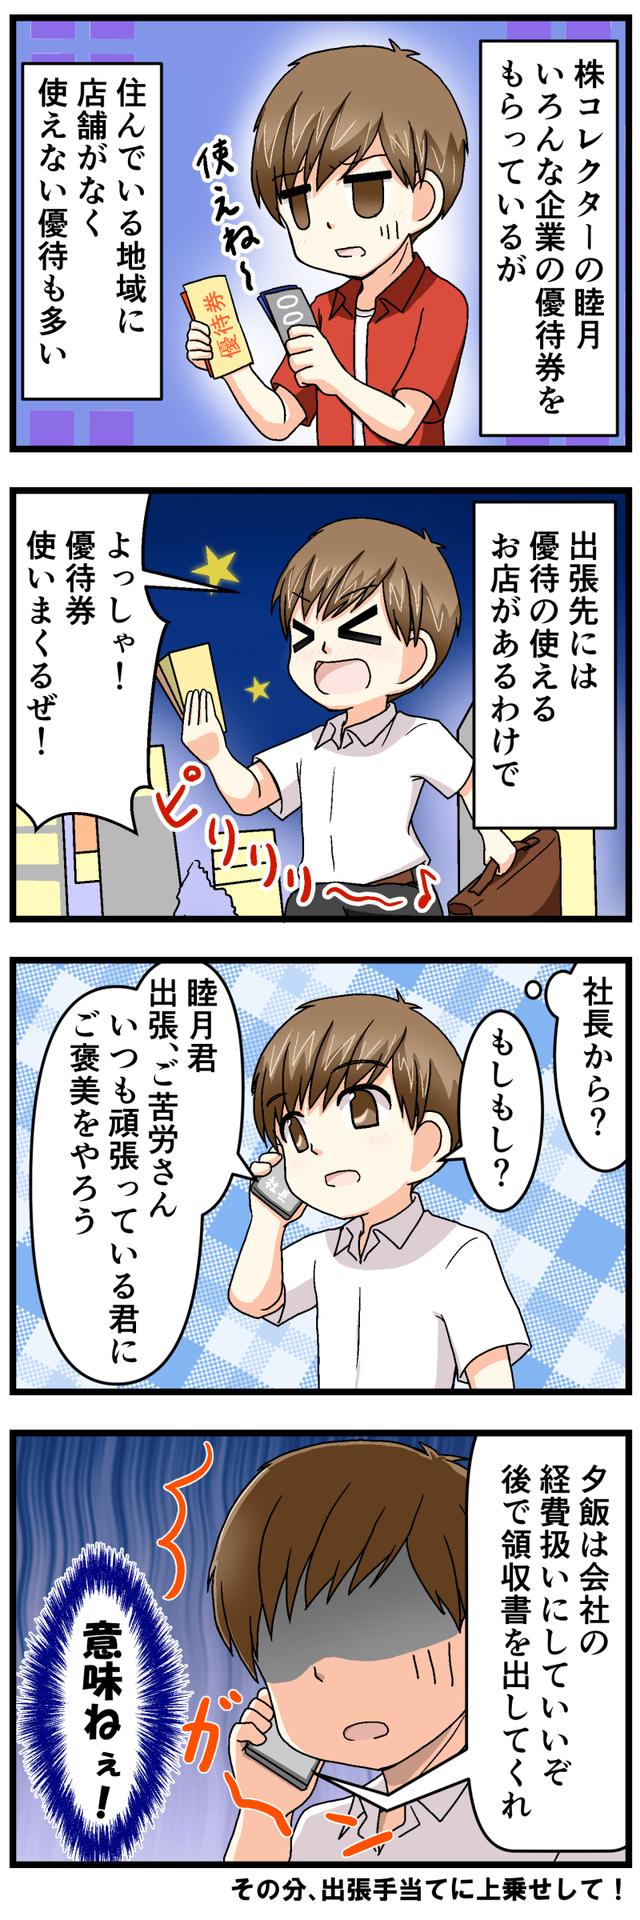 萌える株セミナー87.jpg